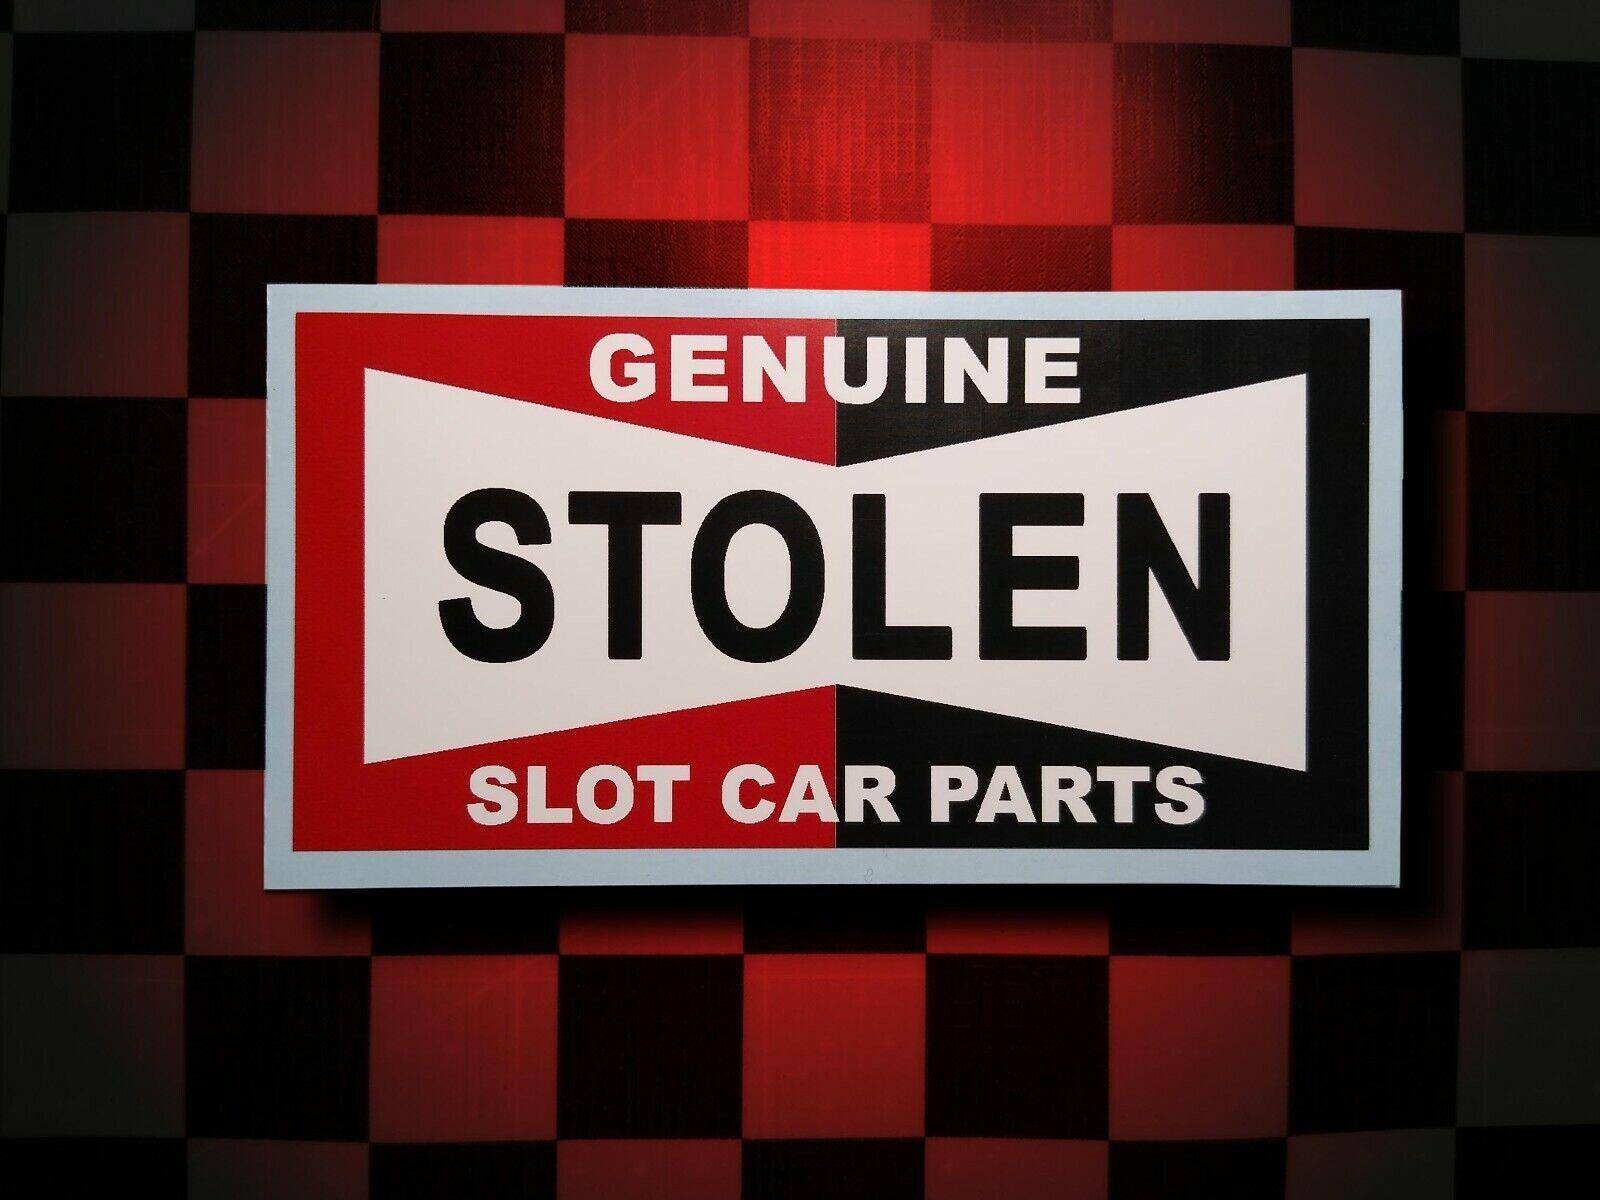 Car Parts - GENUINE STOLEN SLOT CAR PARTS • Pit Box Sticker • Decal